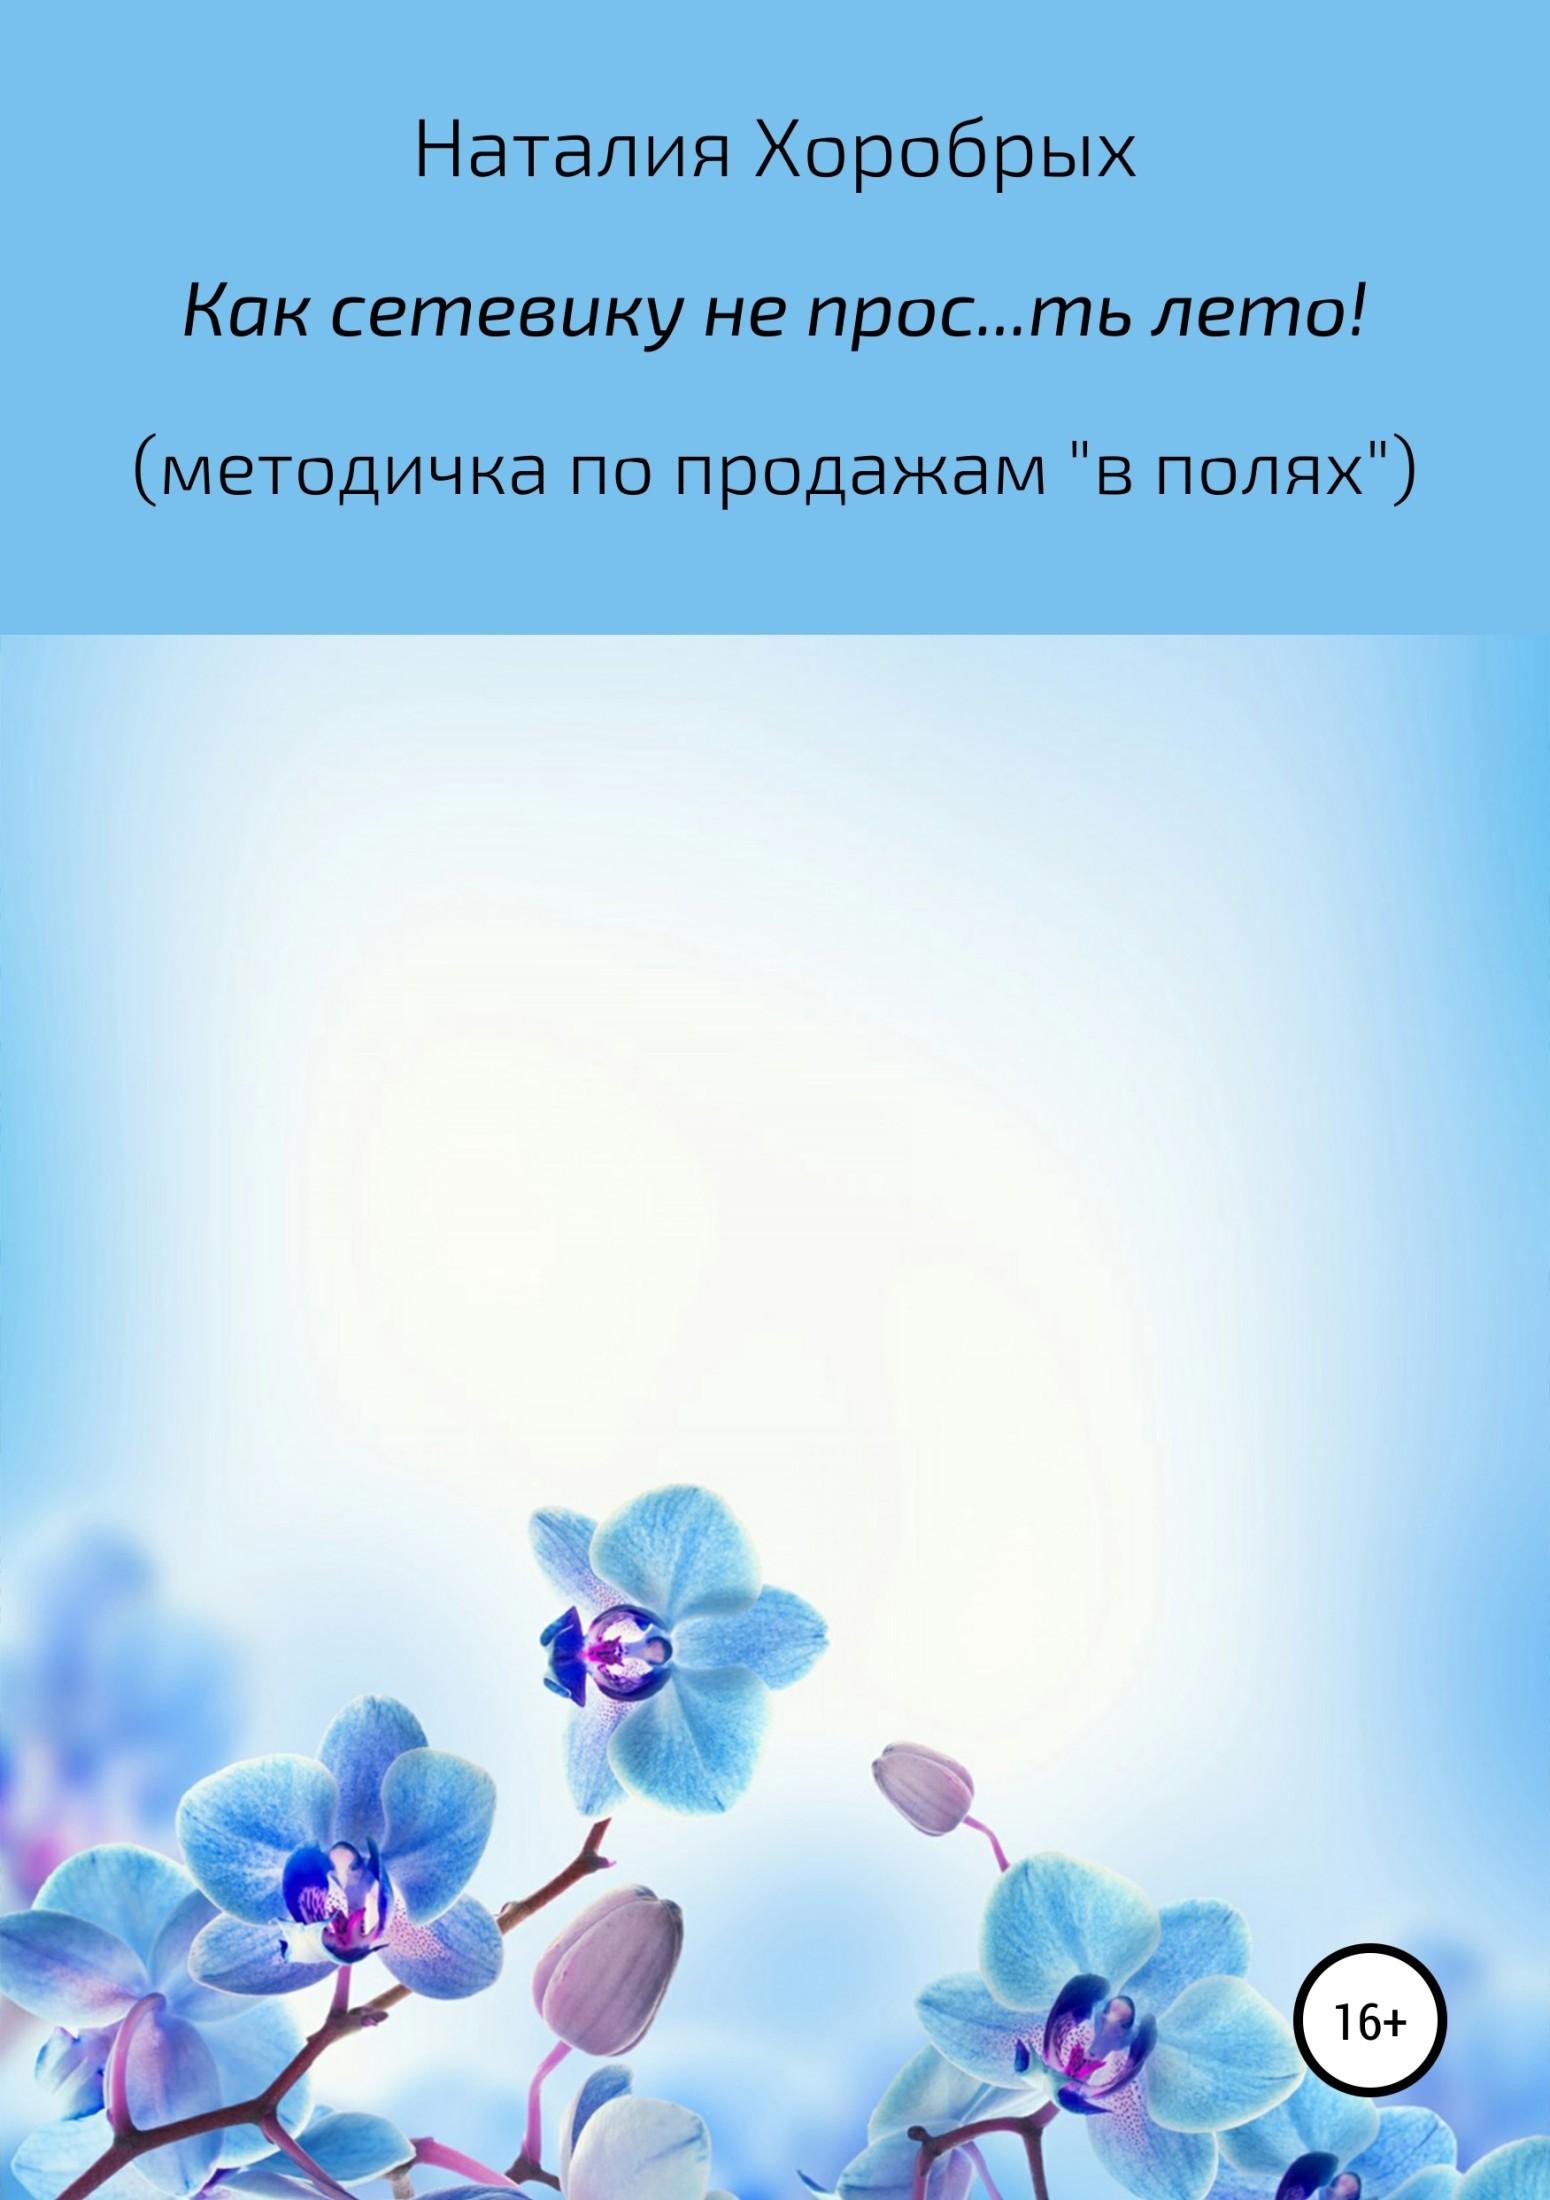 Обложка книги. Автор - Наталия Хоробрых